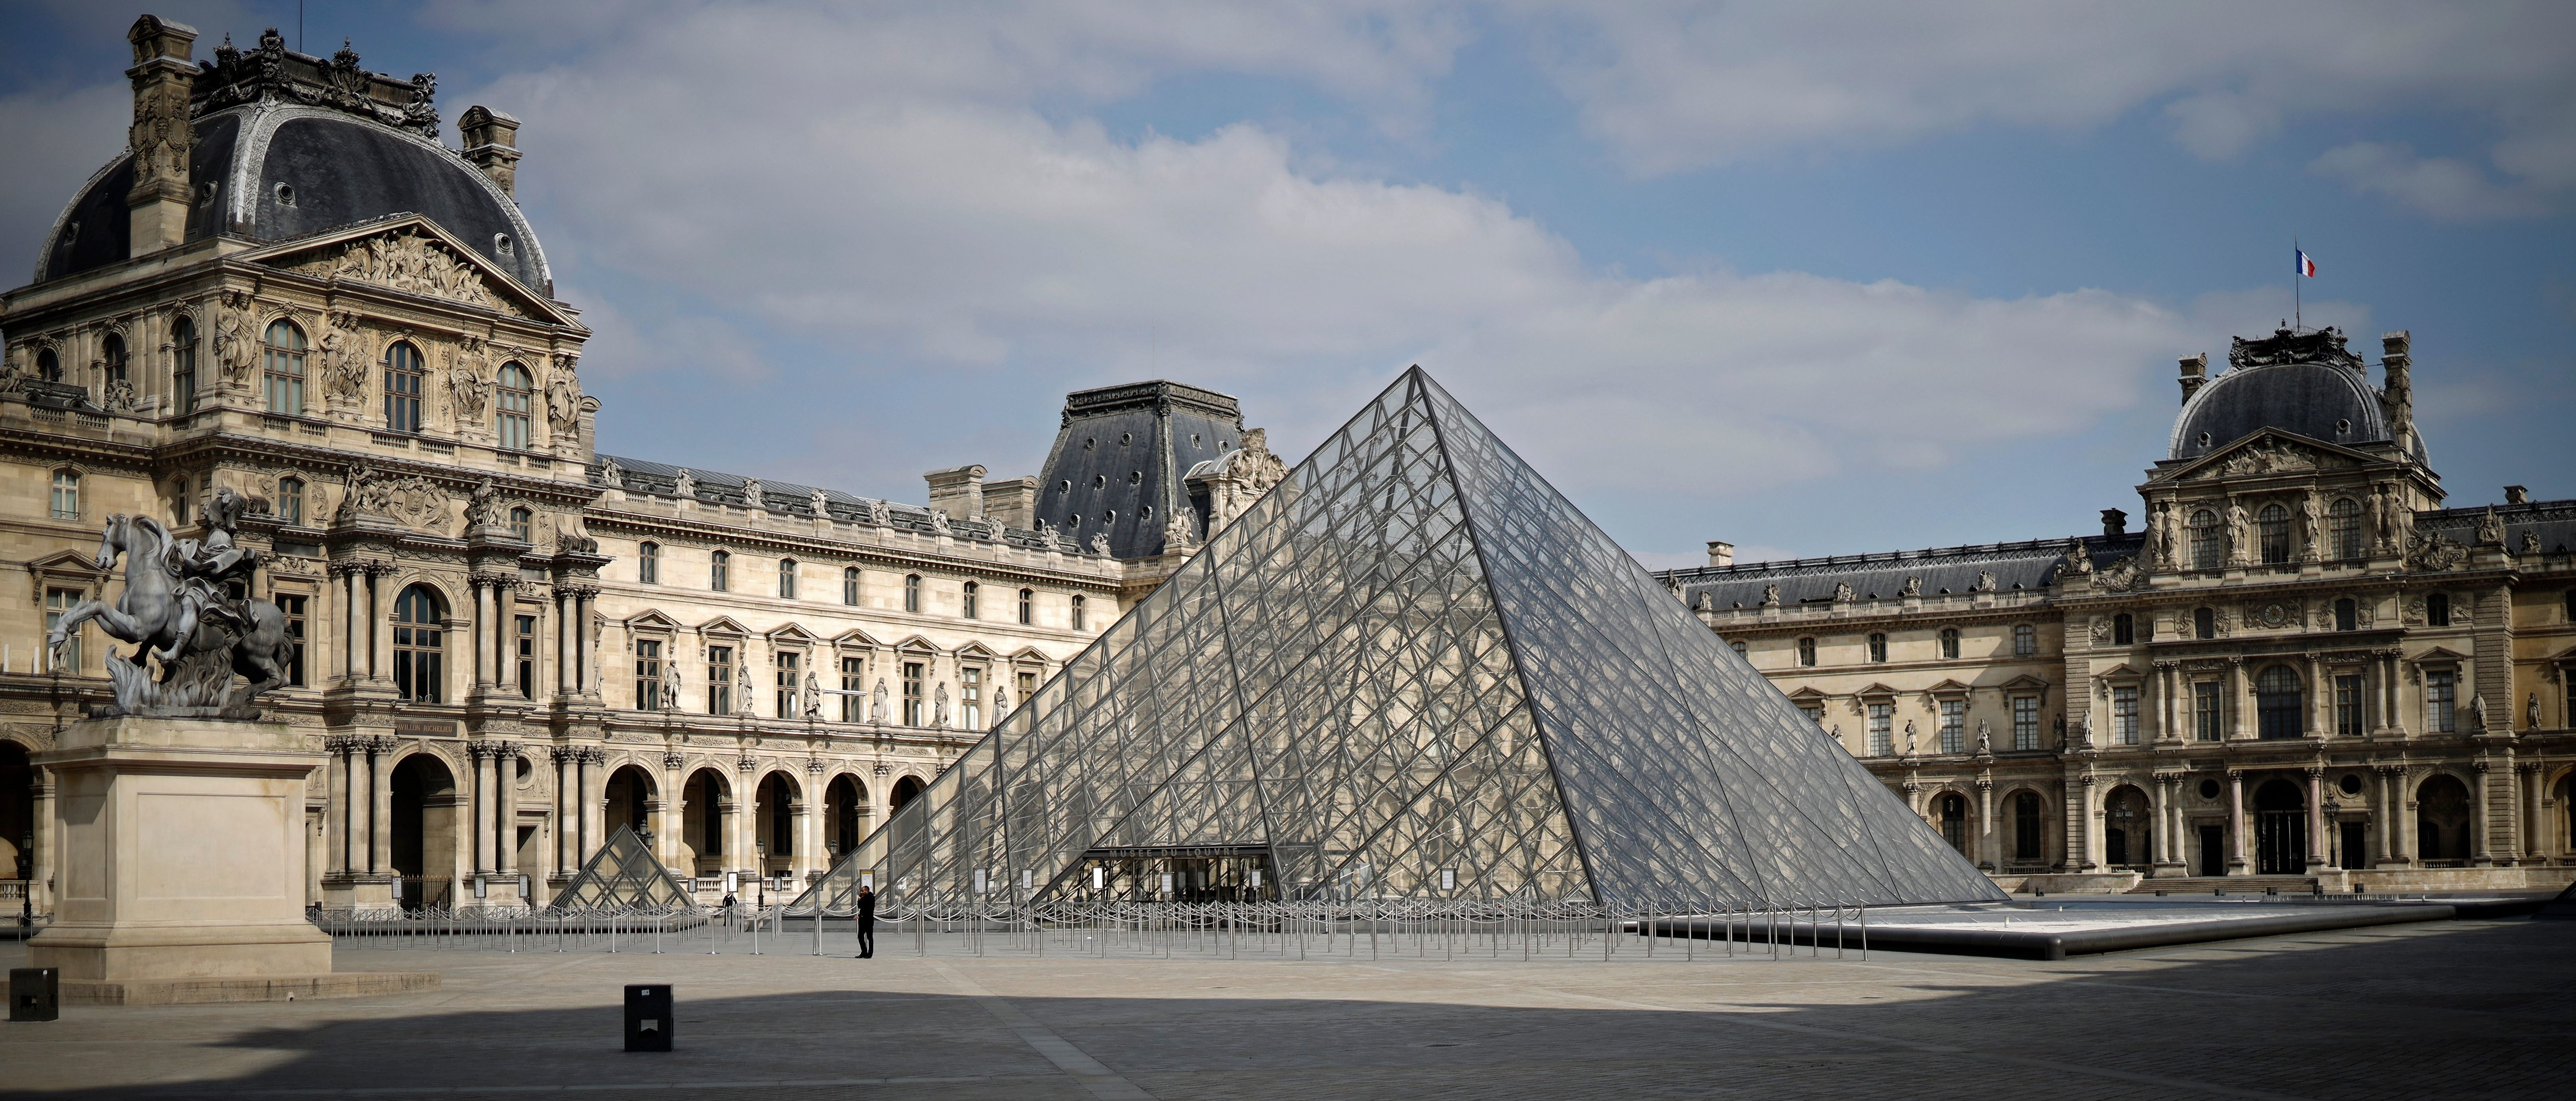 Paris World-Famous Louvre Museum Set To Reopen Amid...